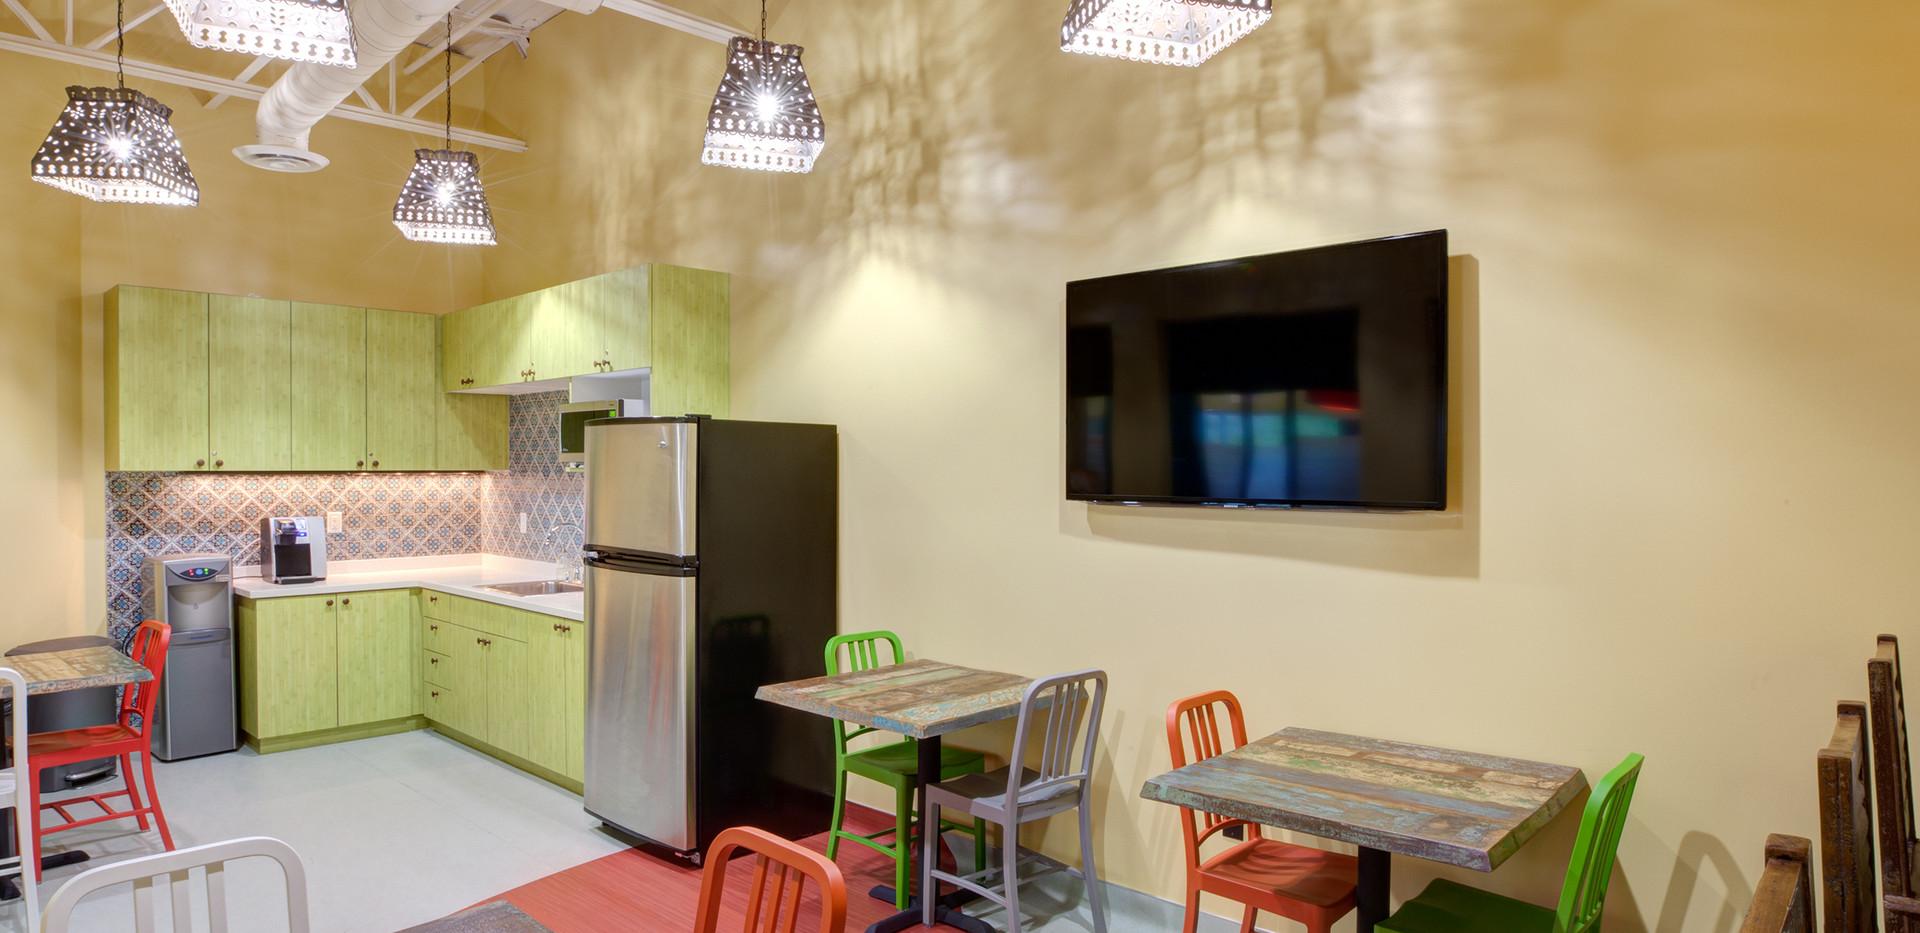 Cafe Rio Headquarters